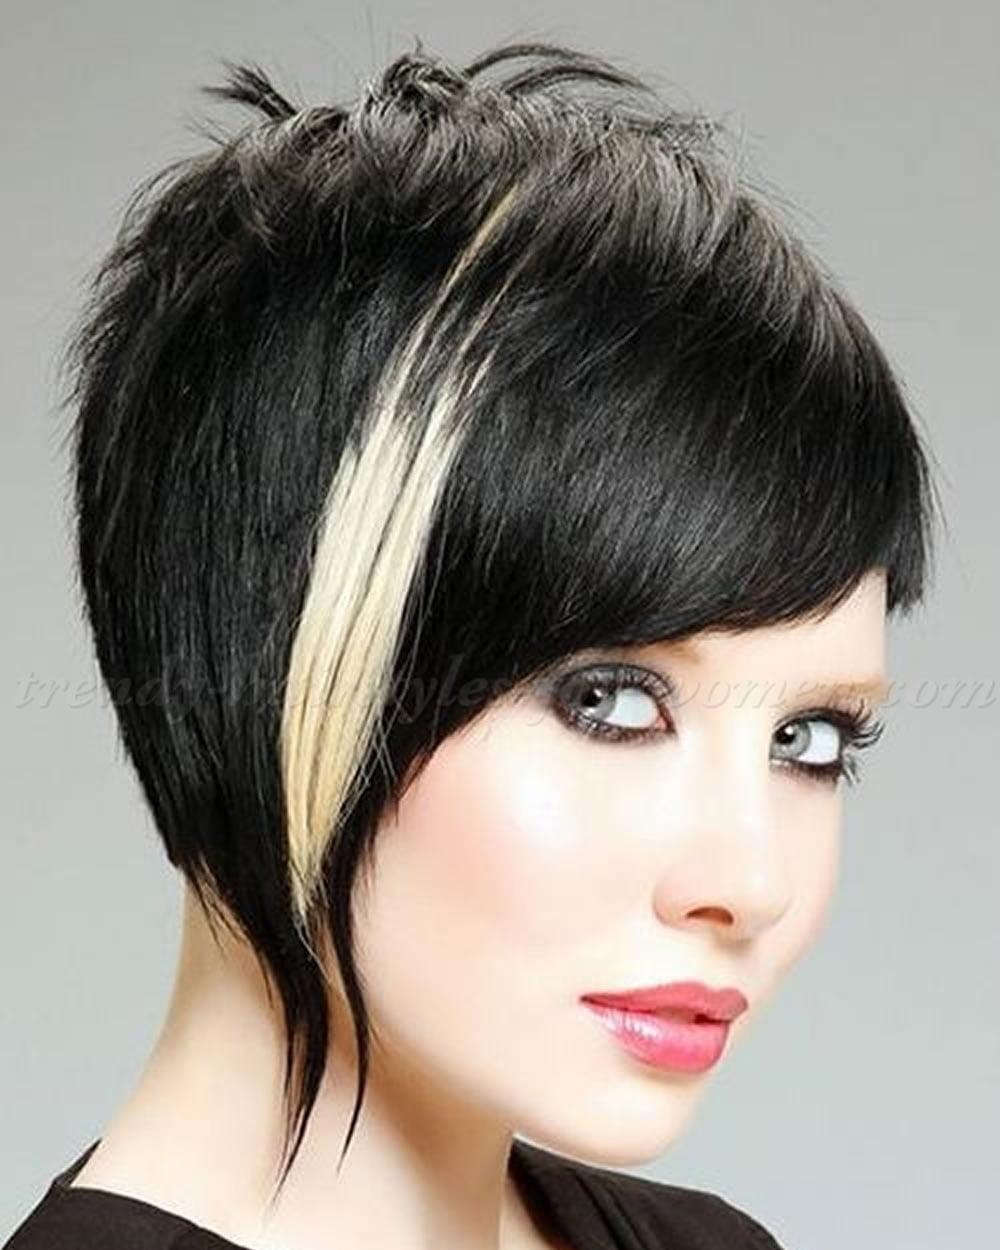 Ombre Asymmetrical Short Bob Hair 2018-2019